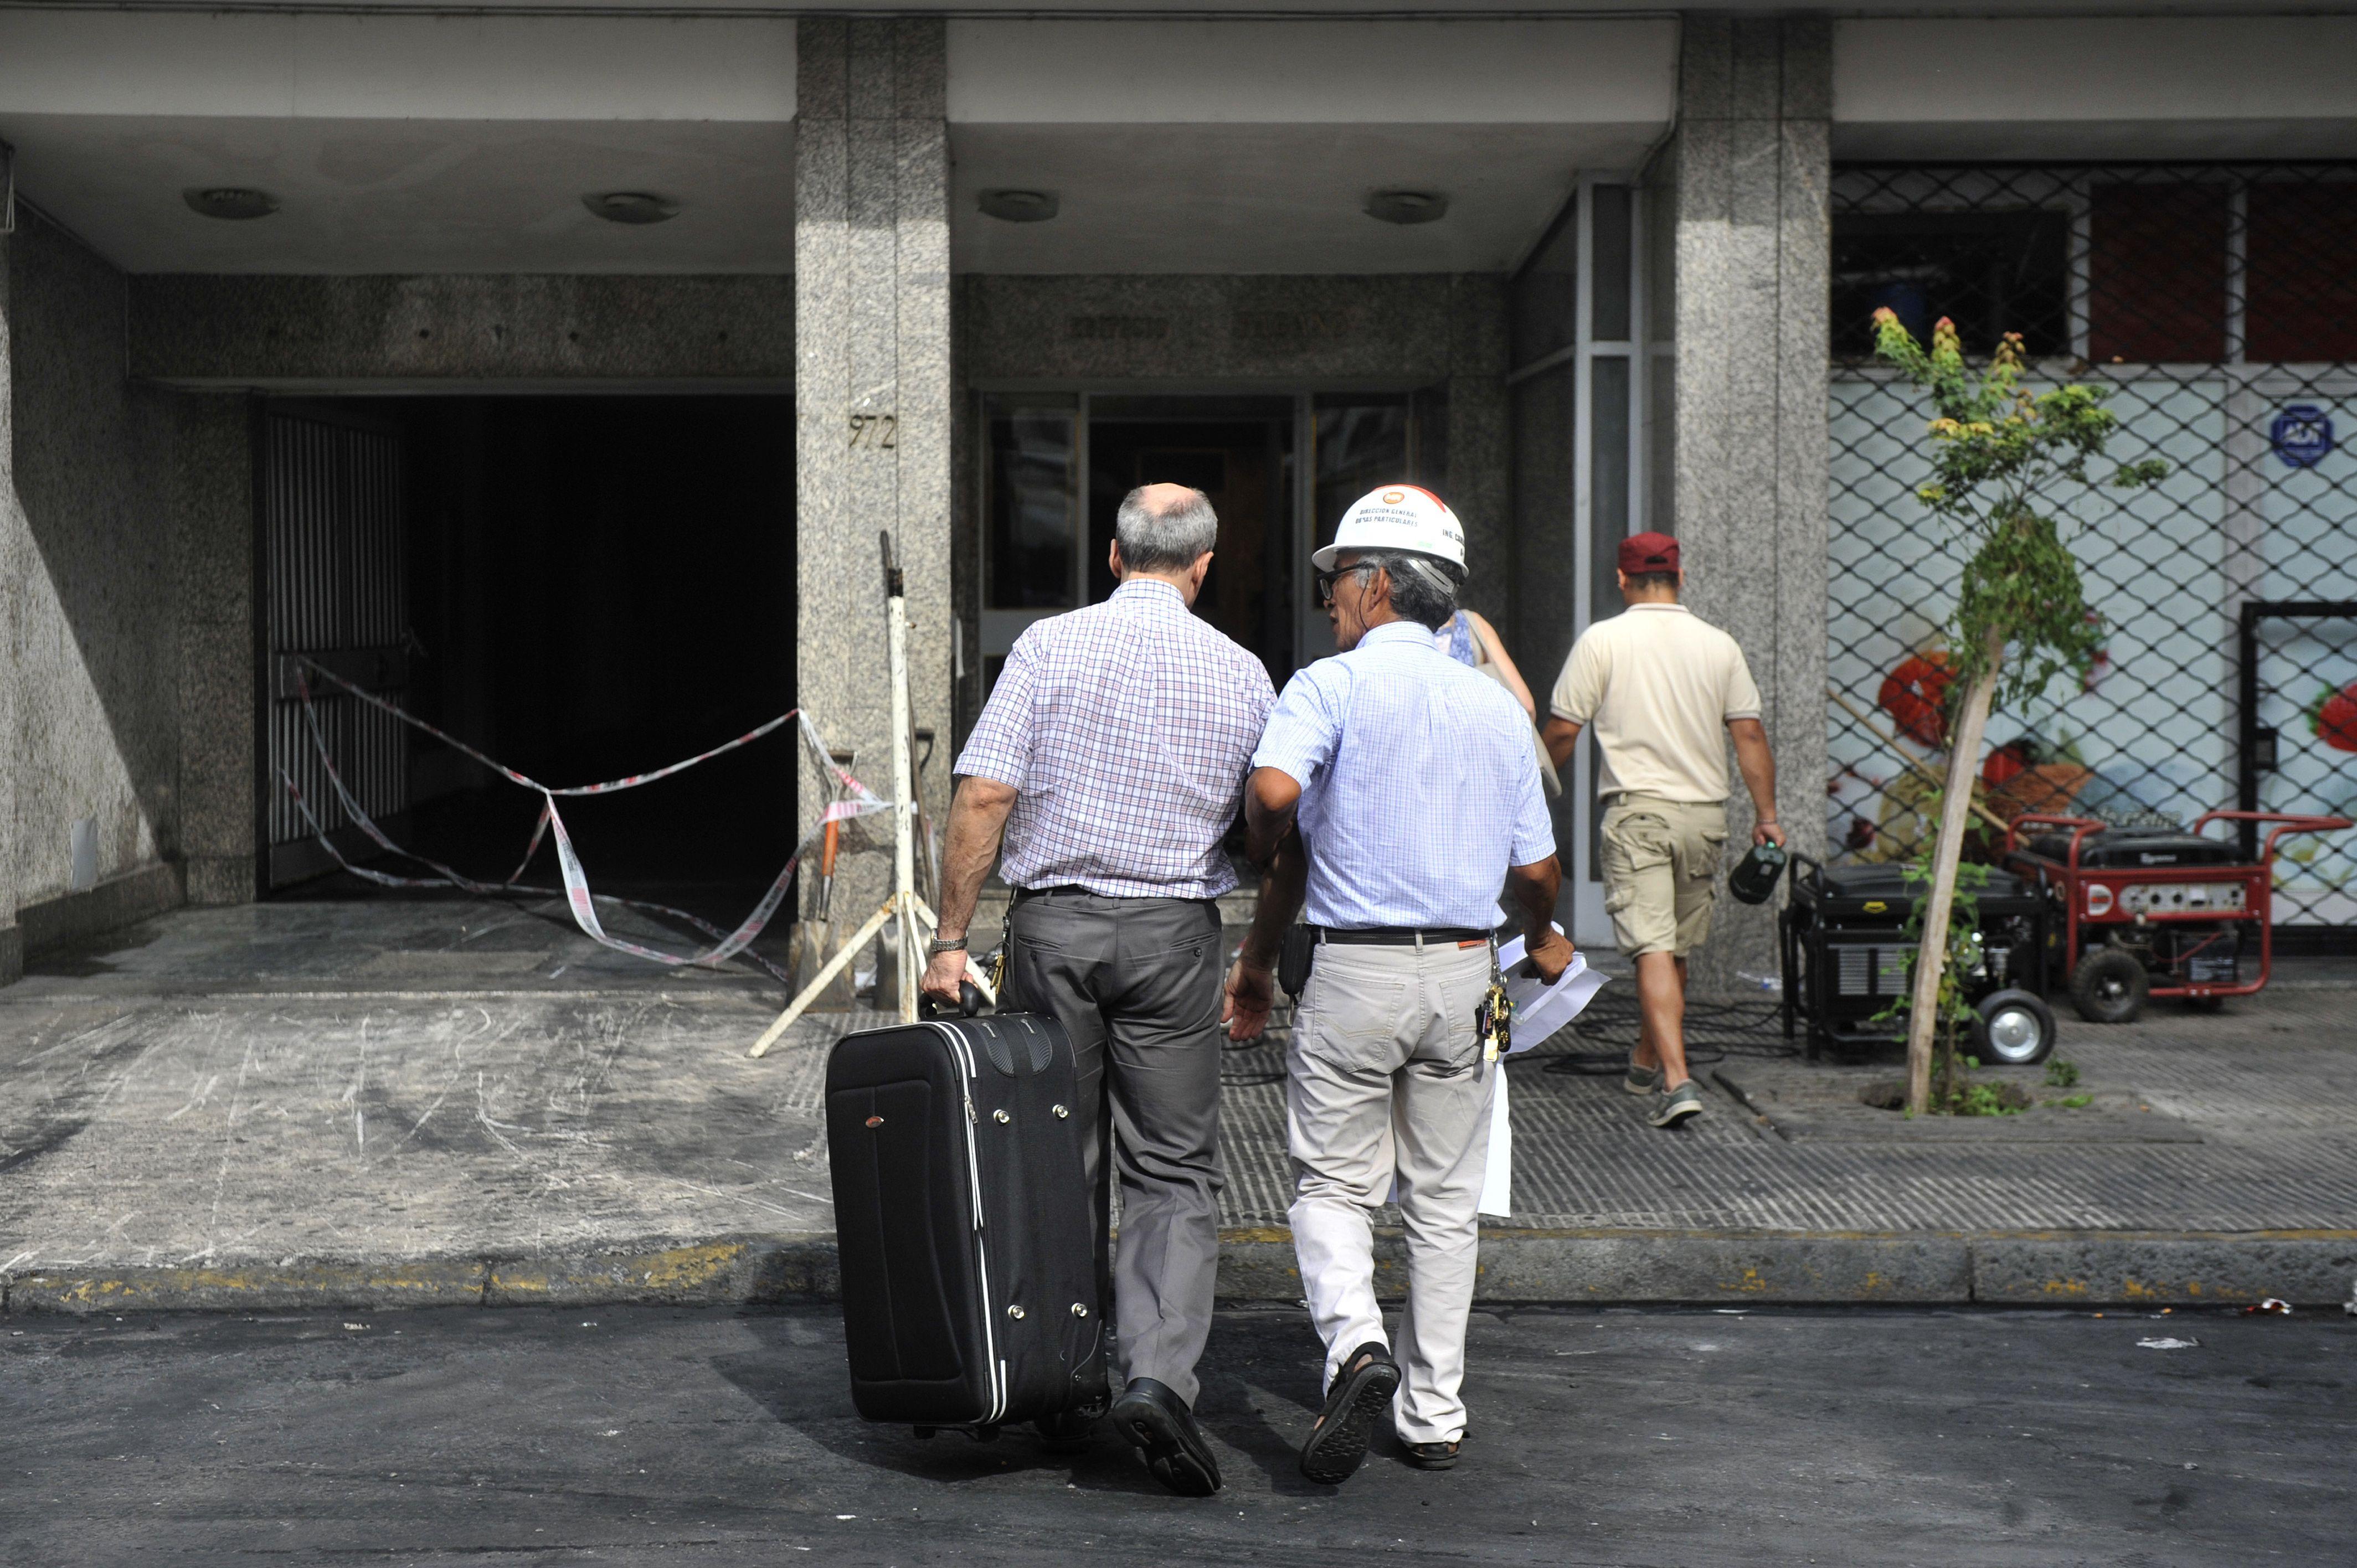 Evaluación ocular. Los habitantes del edificio pudieron acceder ayer a sus hogares para dimensionar los daños.